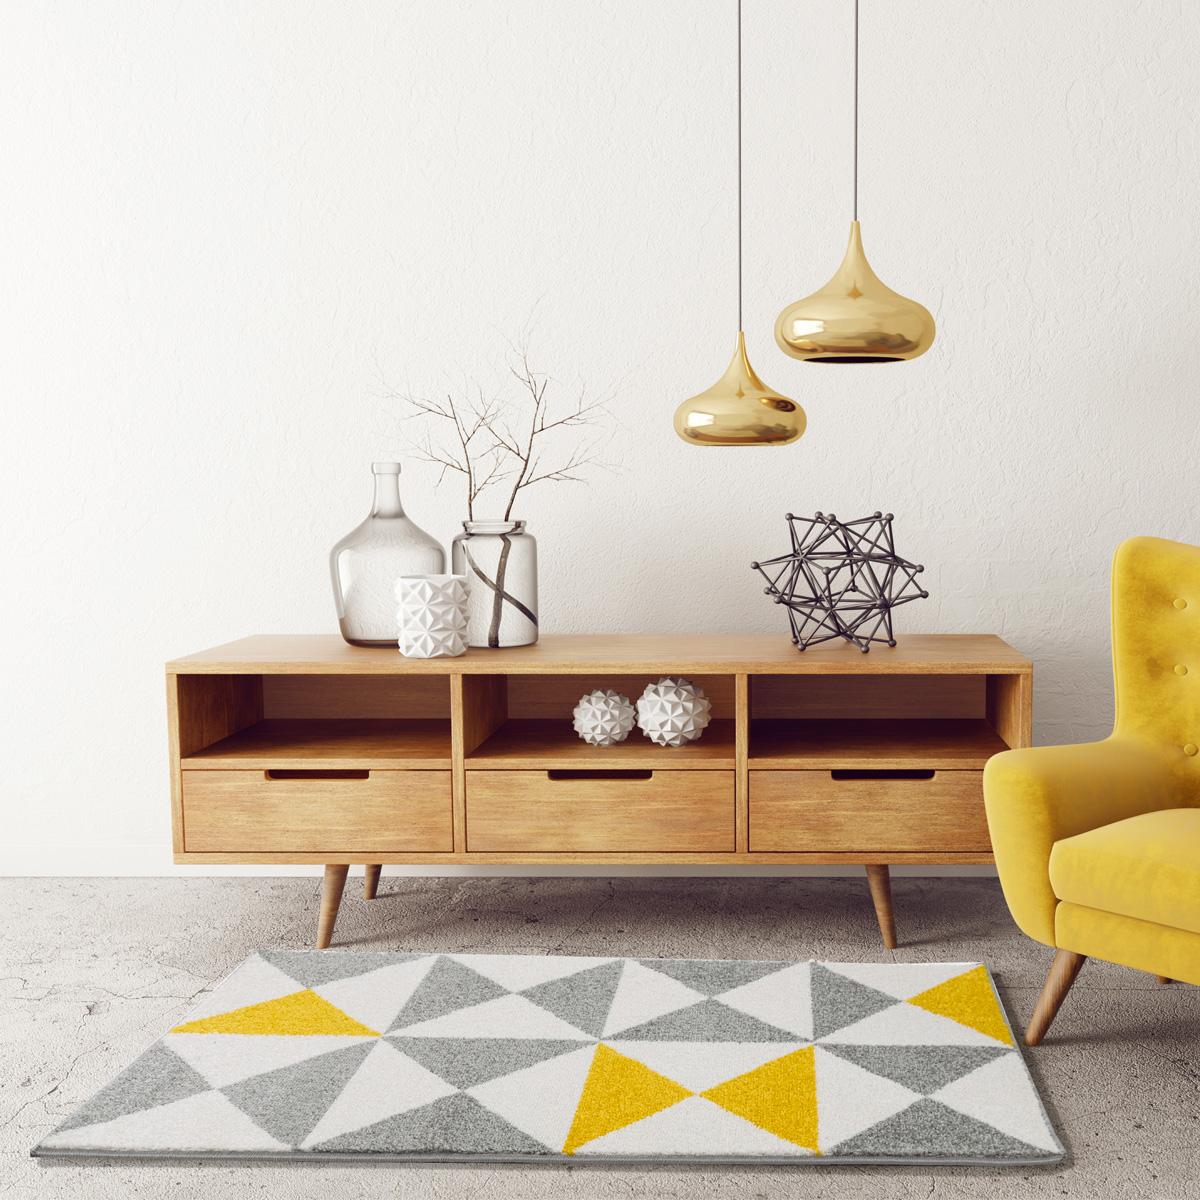 Tapis à triangles tricolores - Jaune - 200 x 280 cm